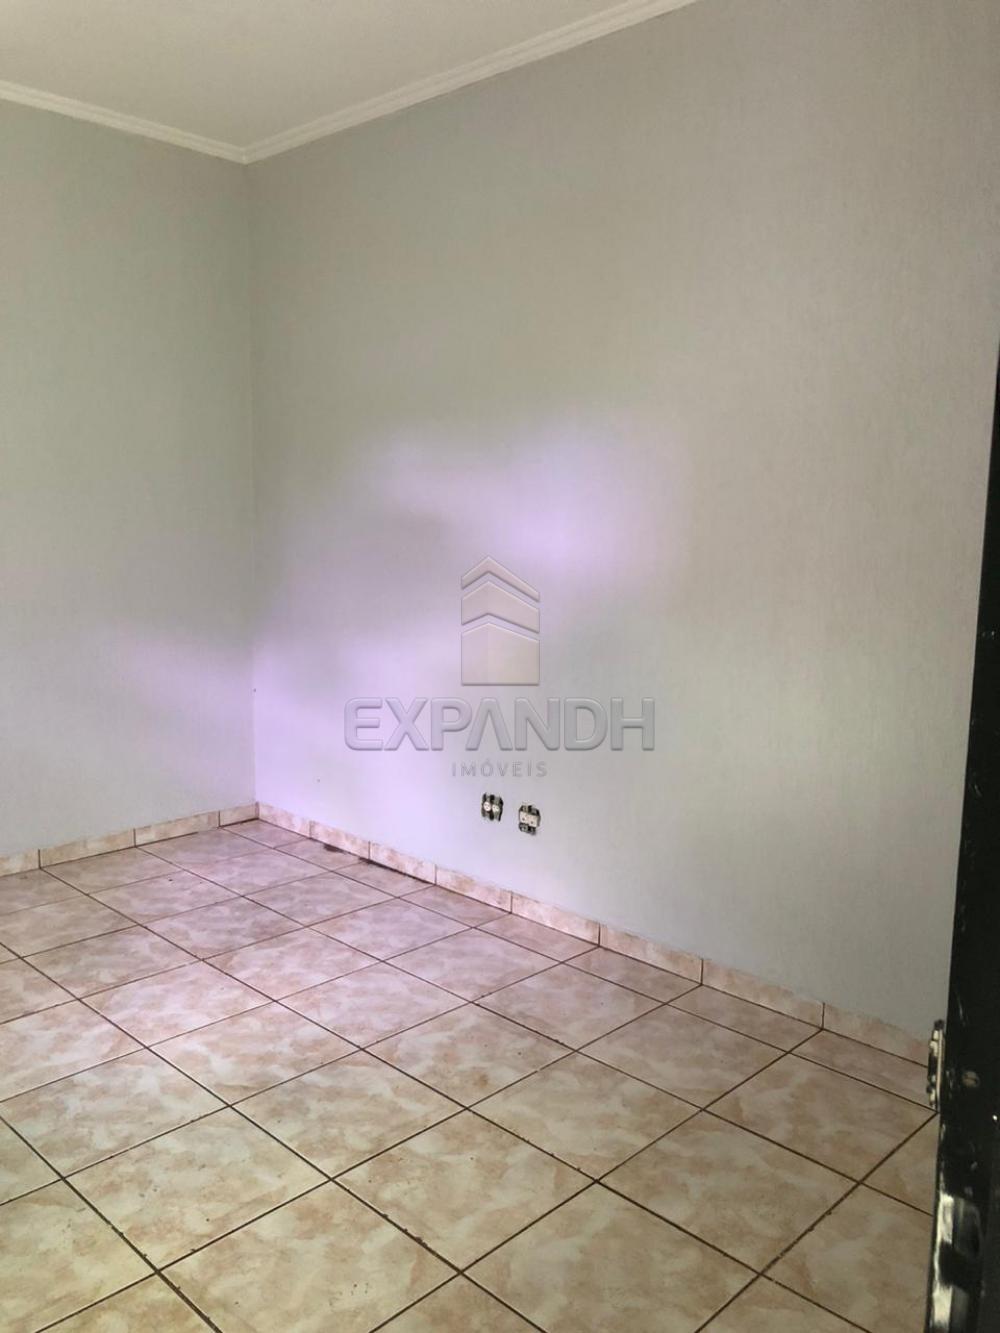 Alugar Comerciais / Salão em Sertãozinho R$ 3.200,00 - Foto 12